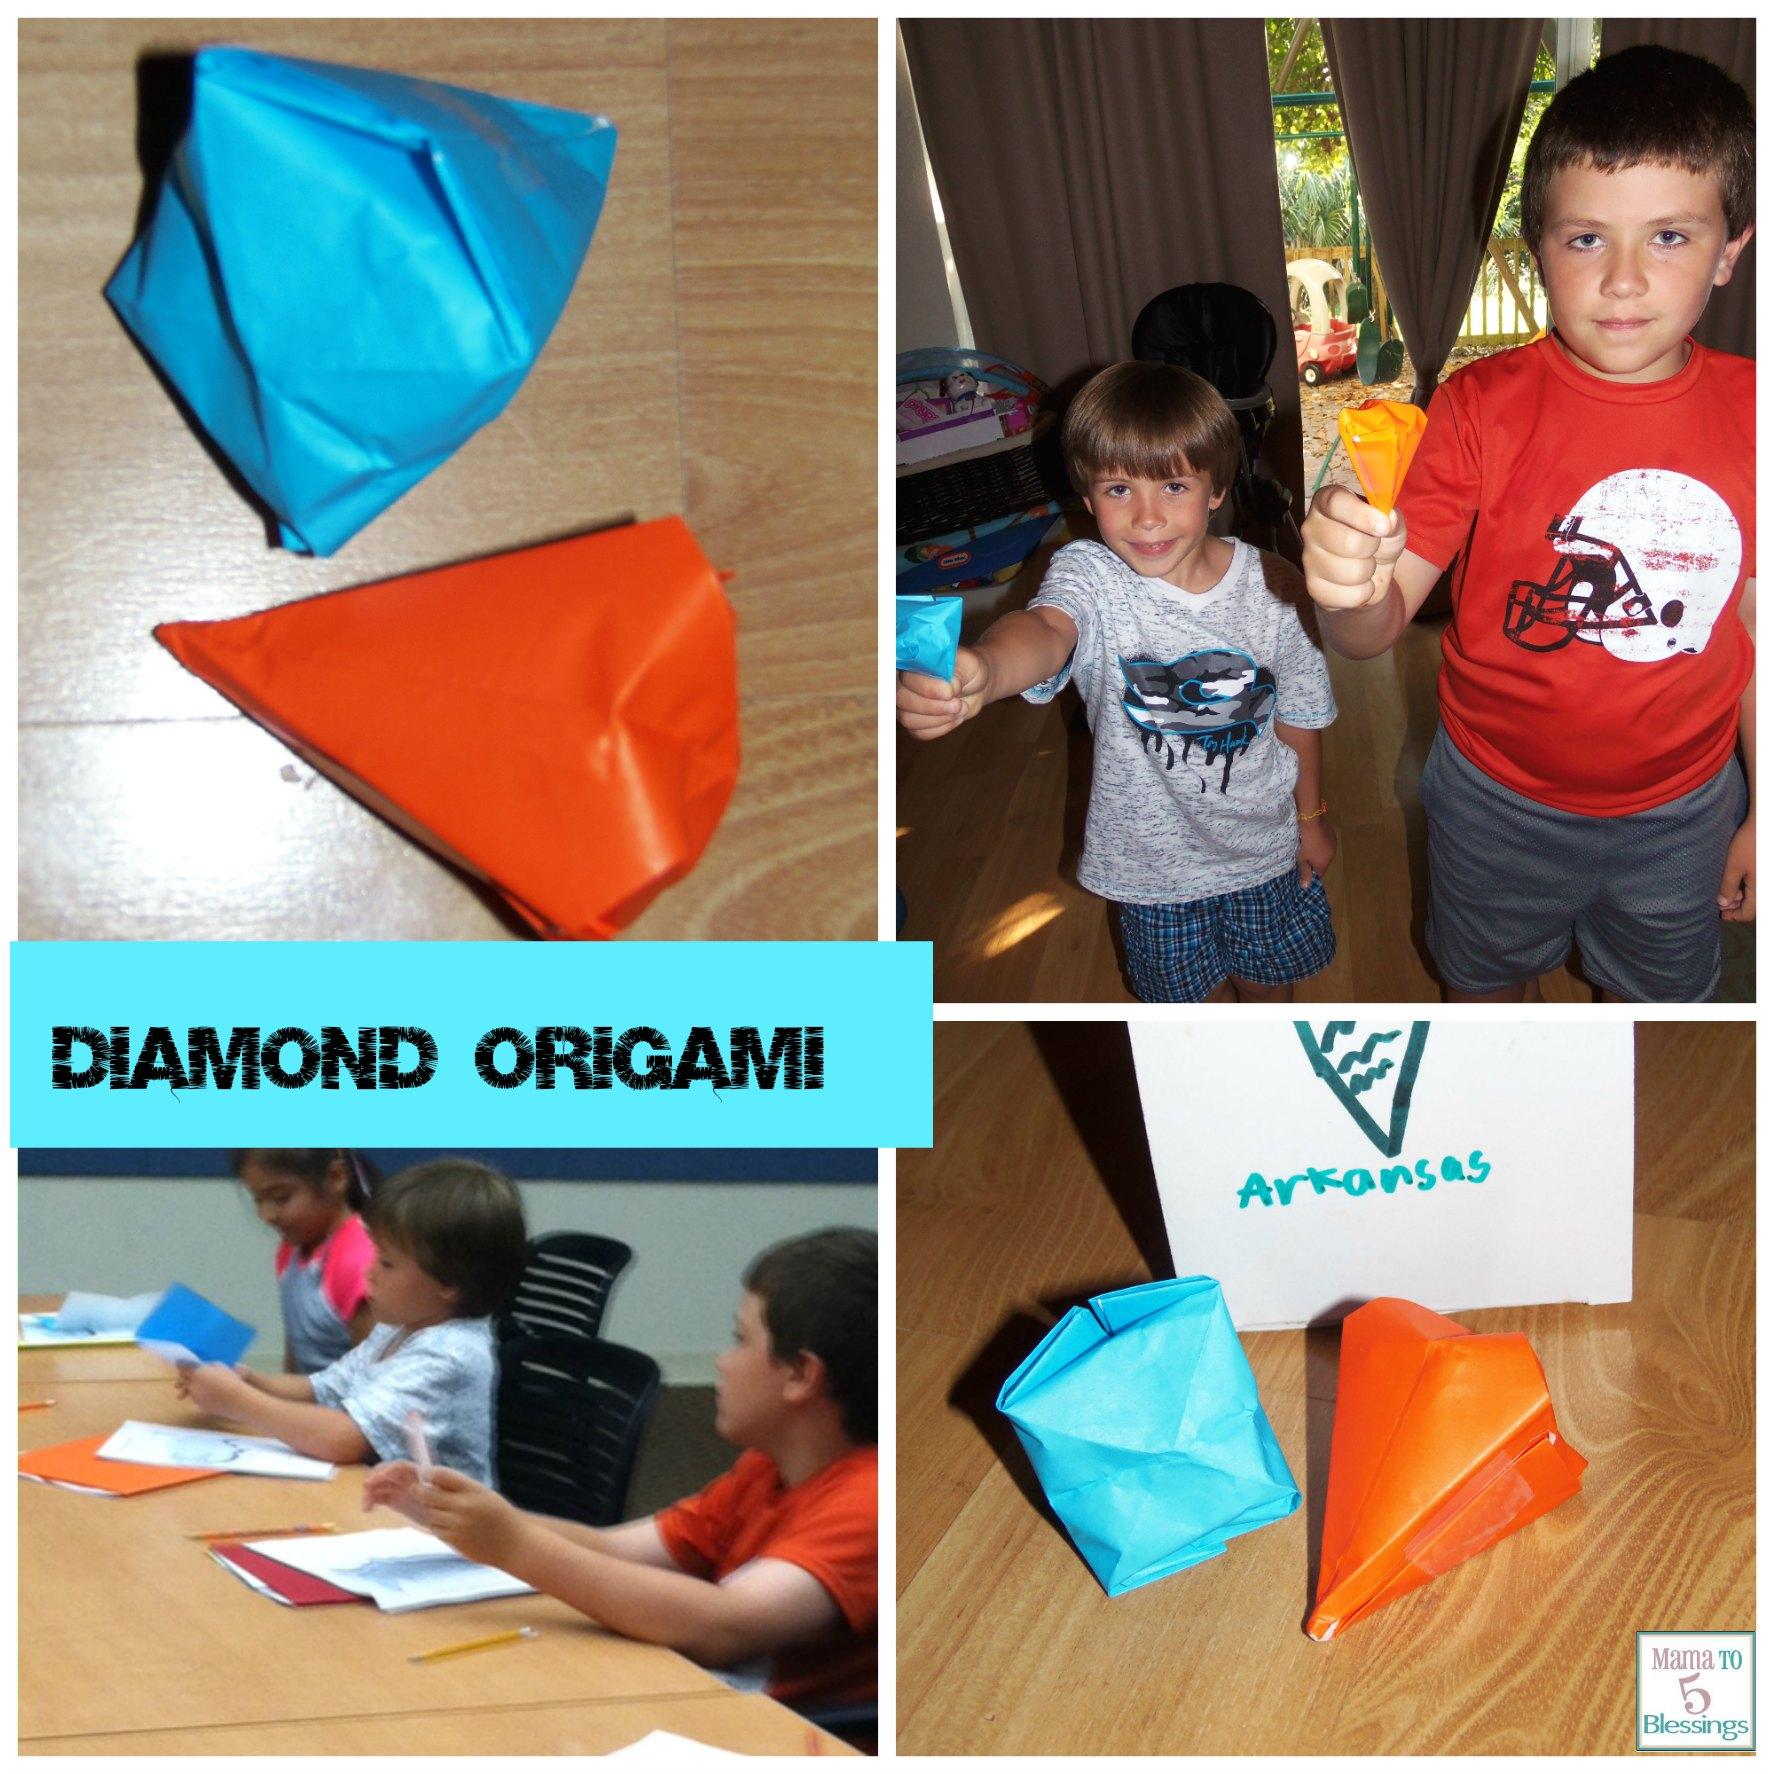 diamond origami